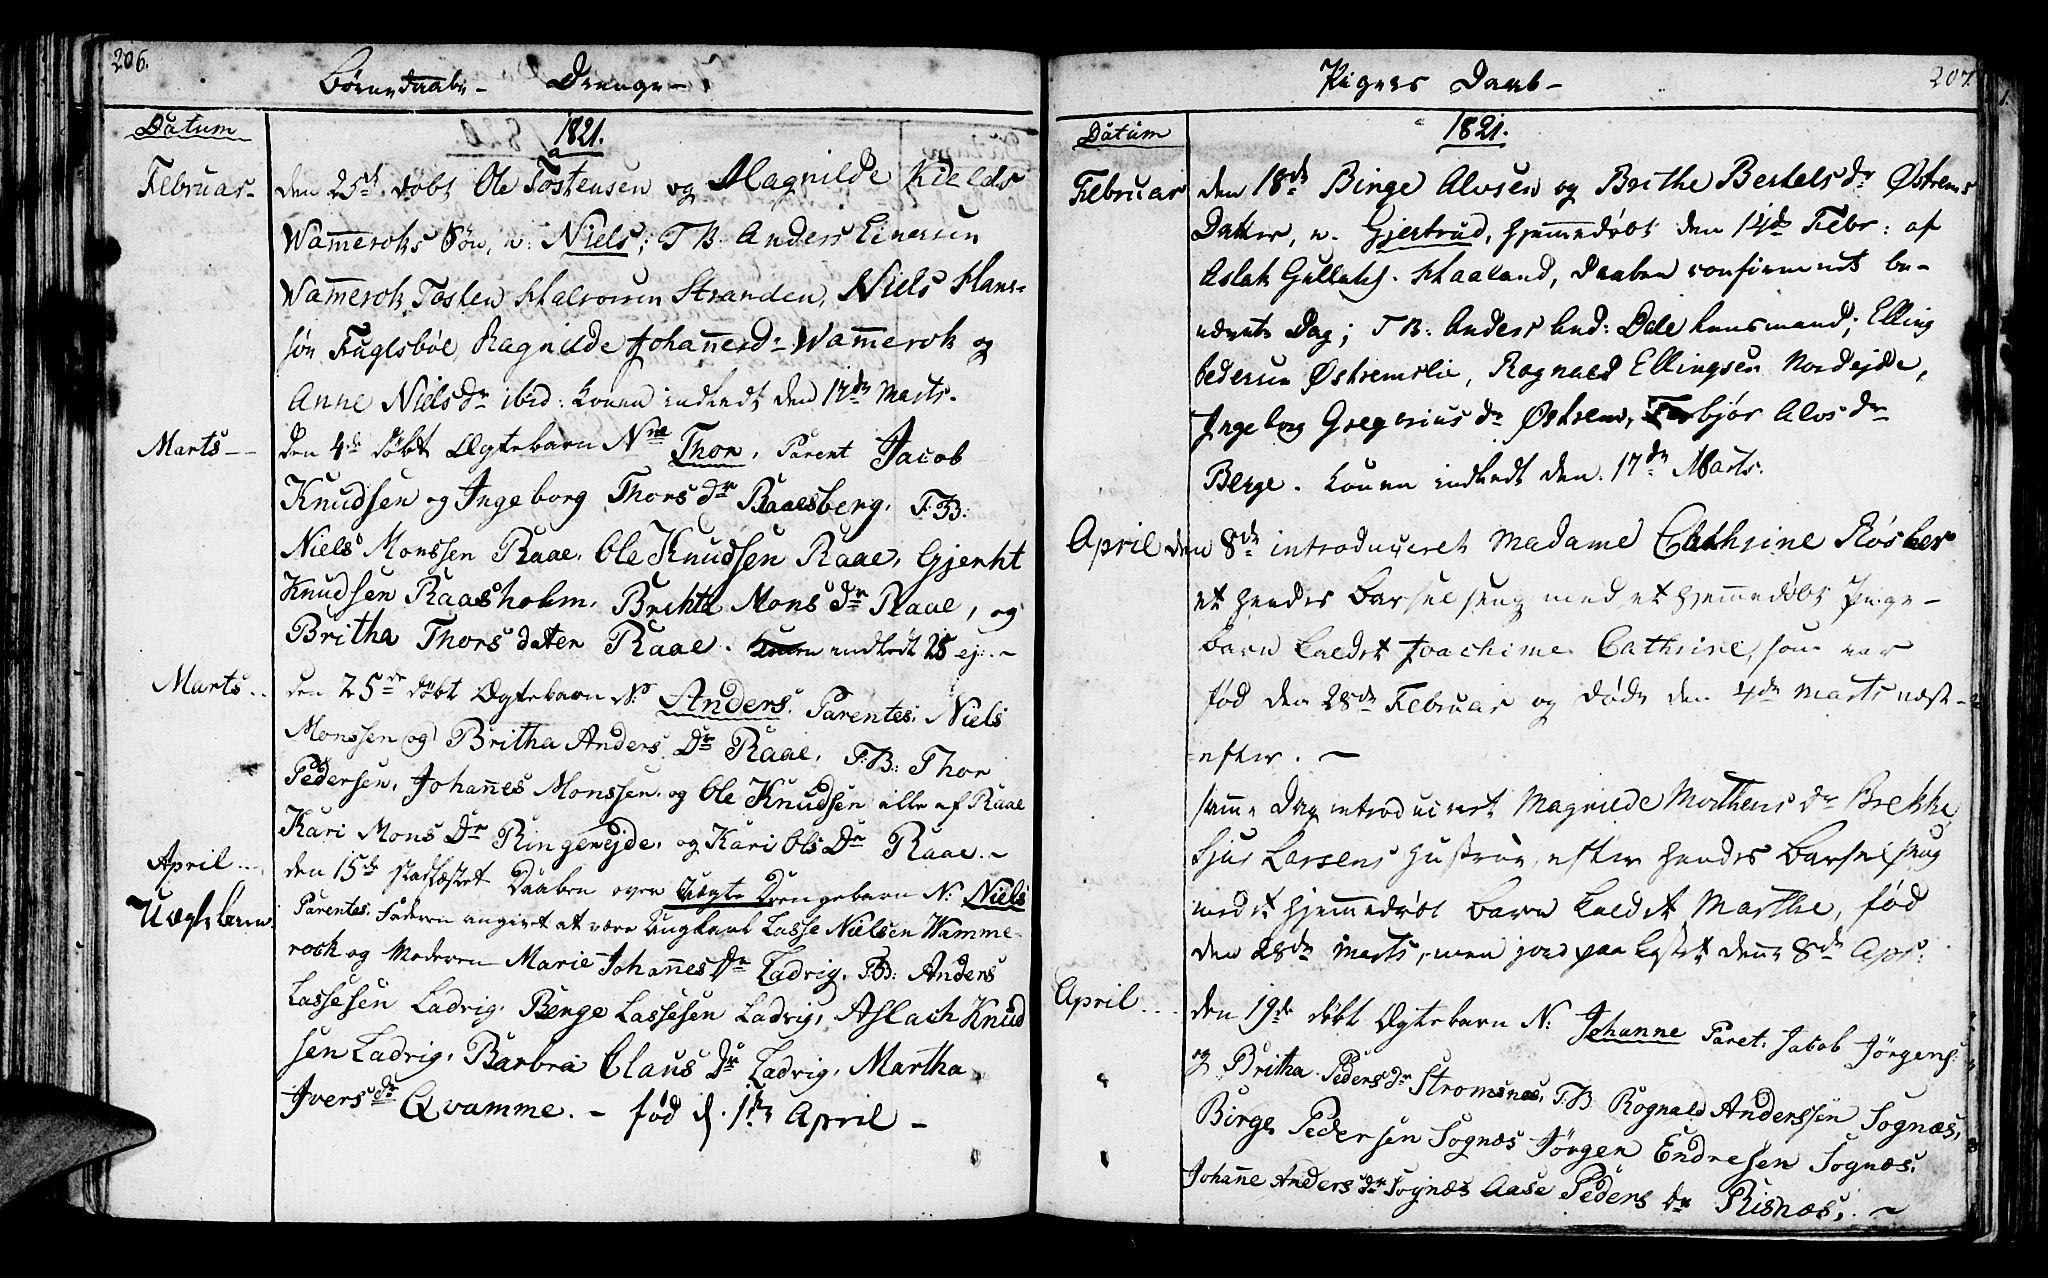 SAB, Lavik sokneprestembete, Ministerialbok nr. A 1, 1809-1822, s. 206-207